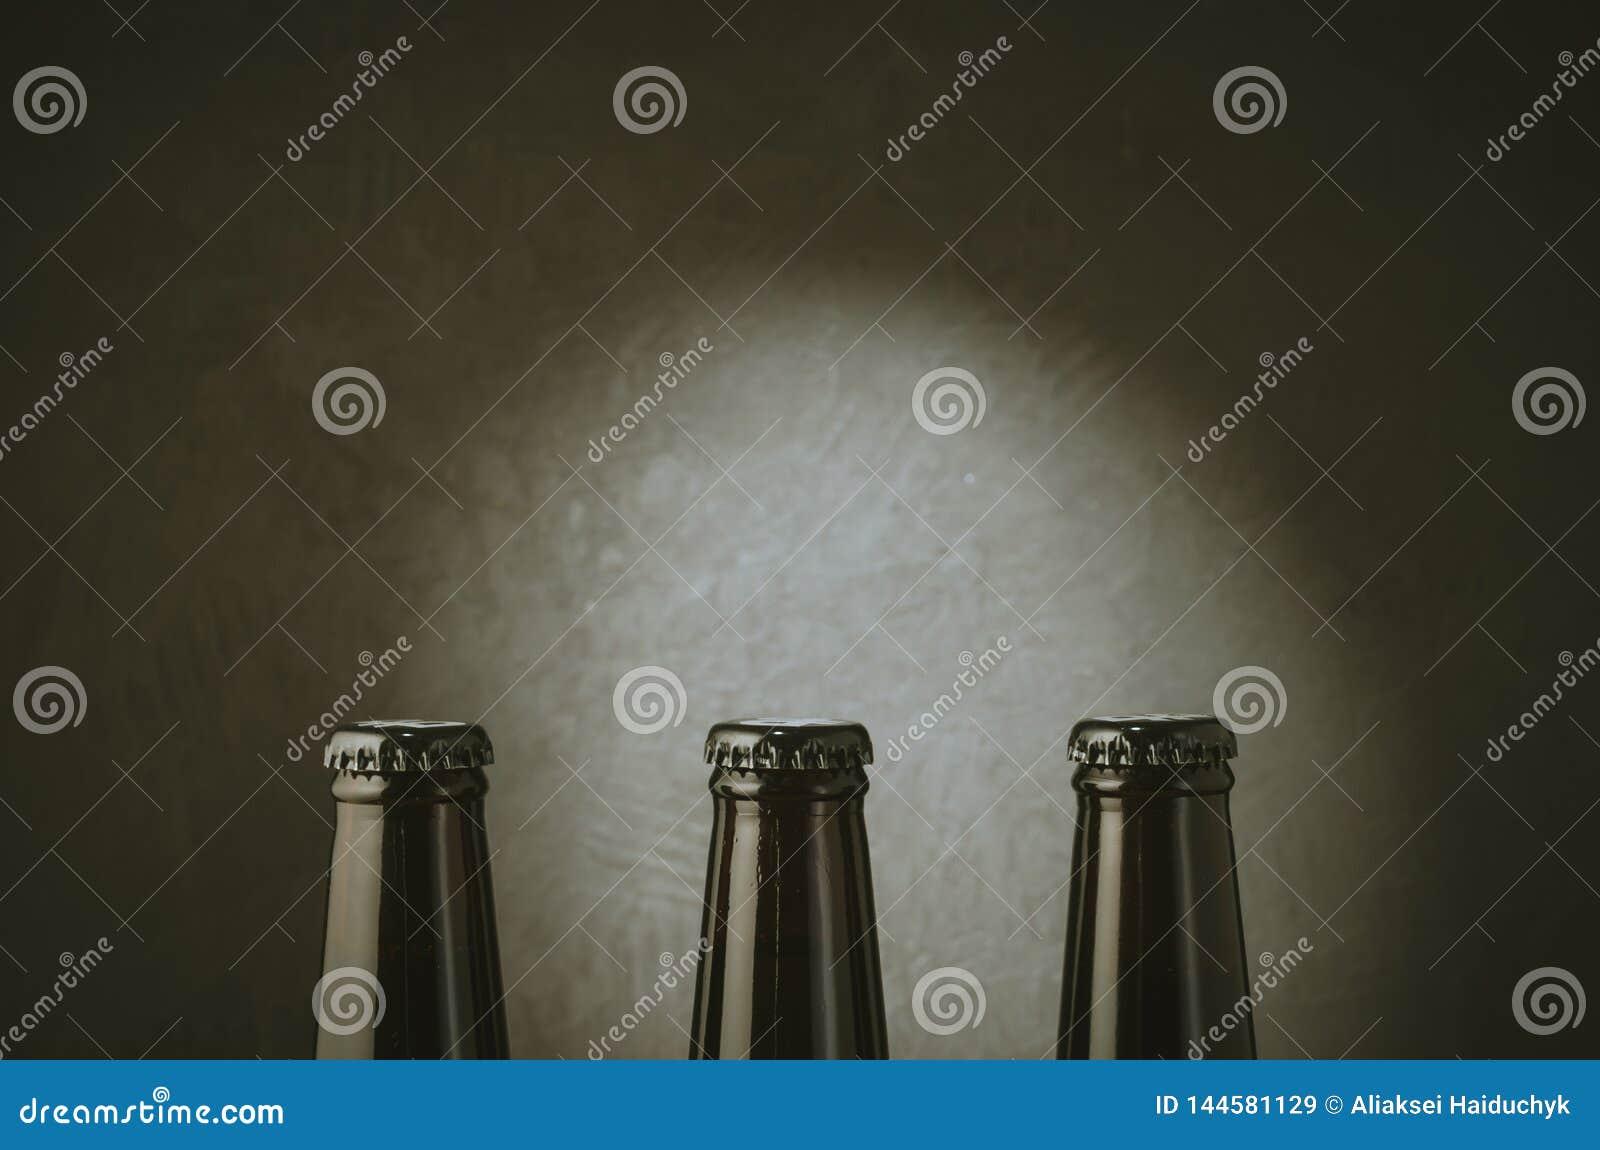 three black bottles of beer on a dark background with light/three black bottles of beer on a dark background with light. Copy